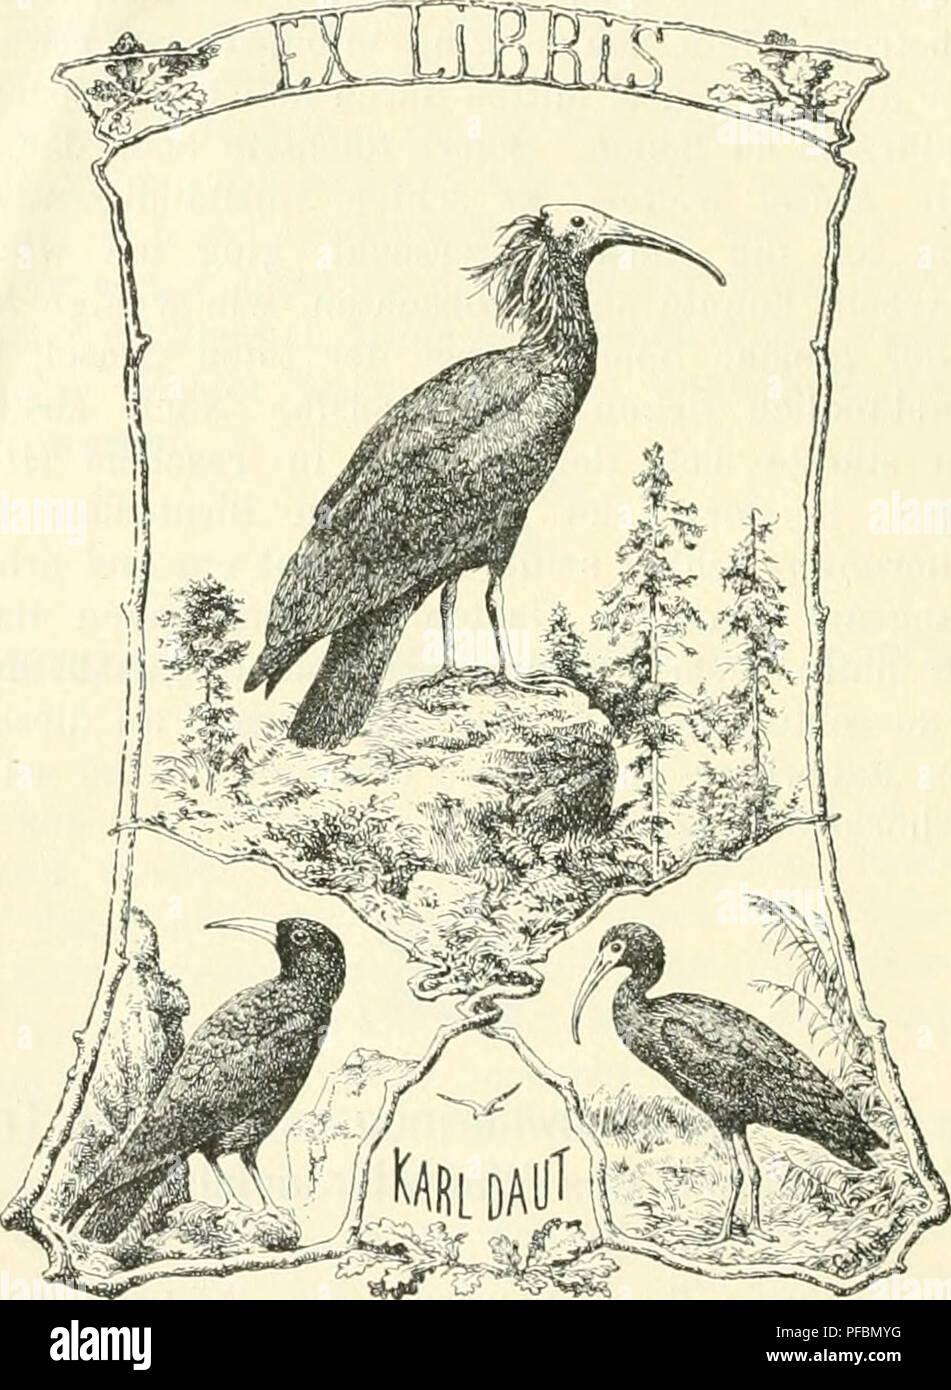 . Der Ornithologische Beobachter. Birds; Birds. 150 — ganzen Winter über dort aufgehalten hatte. Dasselbe befindet sich im Zofinger Museum. C i c 0 n i a nigra. Ein altes Männchen des S c li w a r z en Storches wurde im September 1875 von meinem Bruder, Ed. Fischer erlegt, und im Sei)tember 1886 beobachtete ich selbst dort ein Exemplar. Das erlegte Exenqtlar kam leider durch Kauf in eine fremde Sammlung.. P 1 e g a d i s f a 1 c i n e 11 u s. Im Jahr 1883 trat ein Trupp Sichler von fünf Exemplaren auf, von denen drei oder vier bei Sursee erlegt wurden und in die Sammlung von Stauffer in Luzern - Stock Image